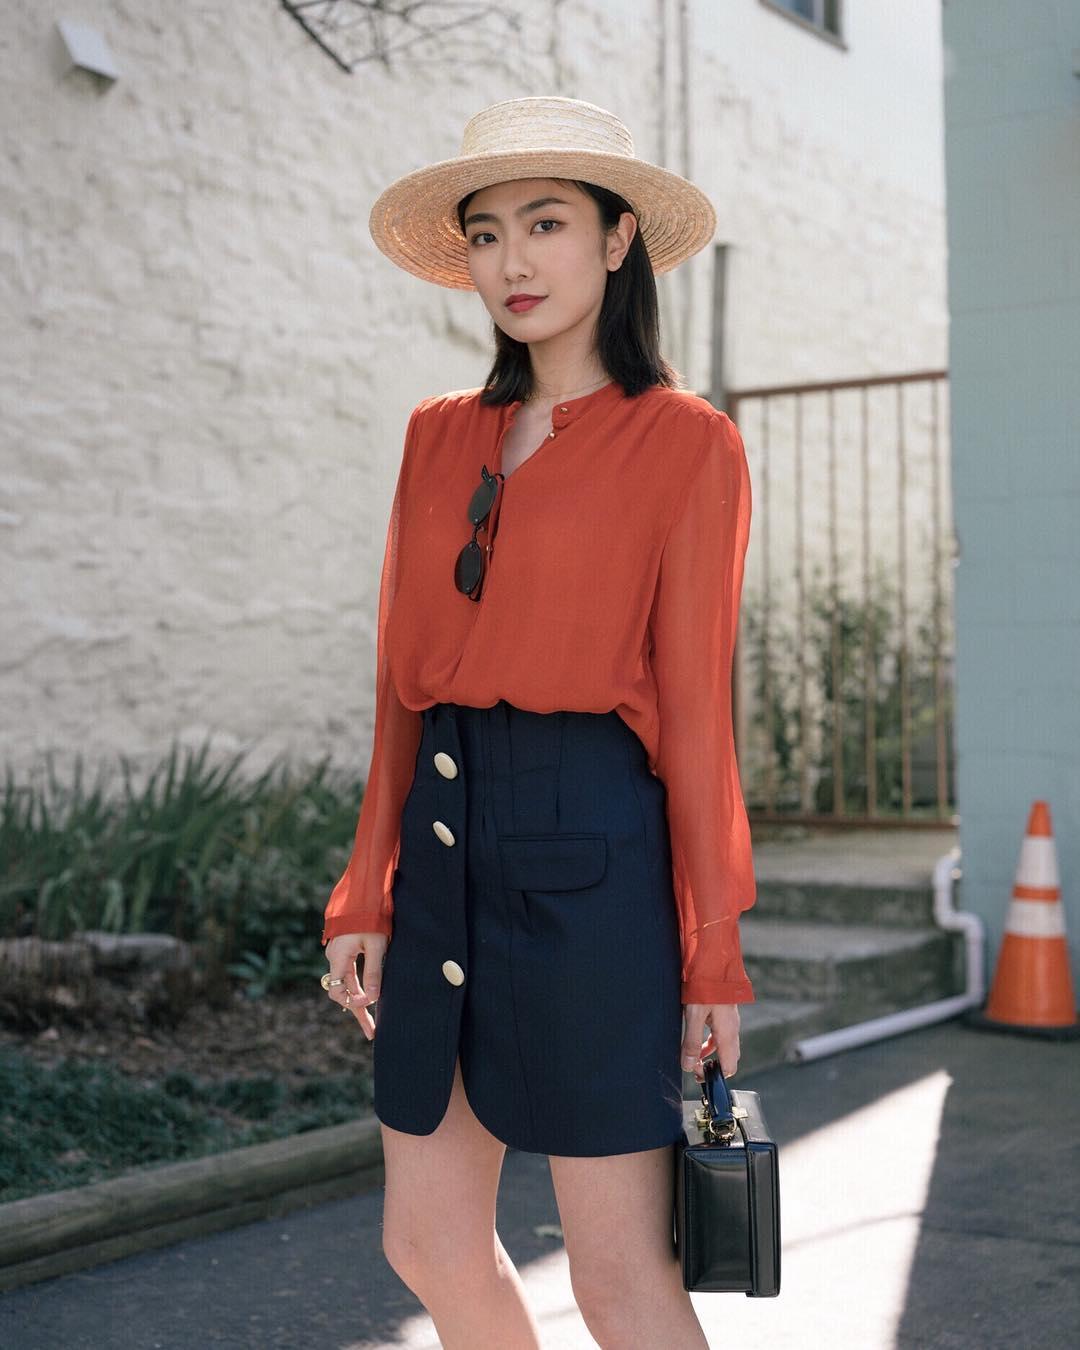 Thời trang cung cự giải - áo sơ mi màu cam và chân váy xanh navy